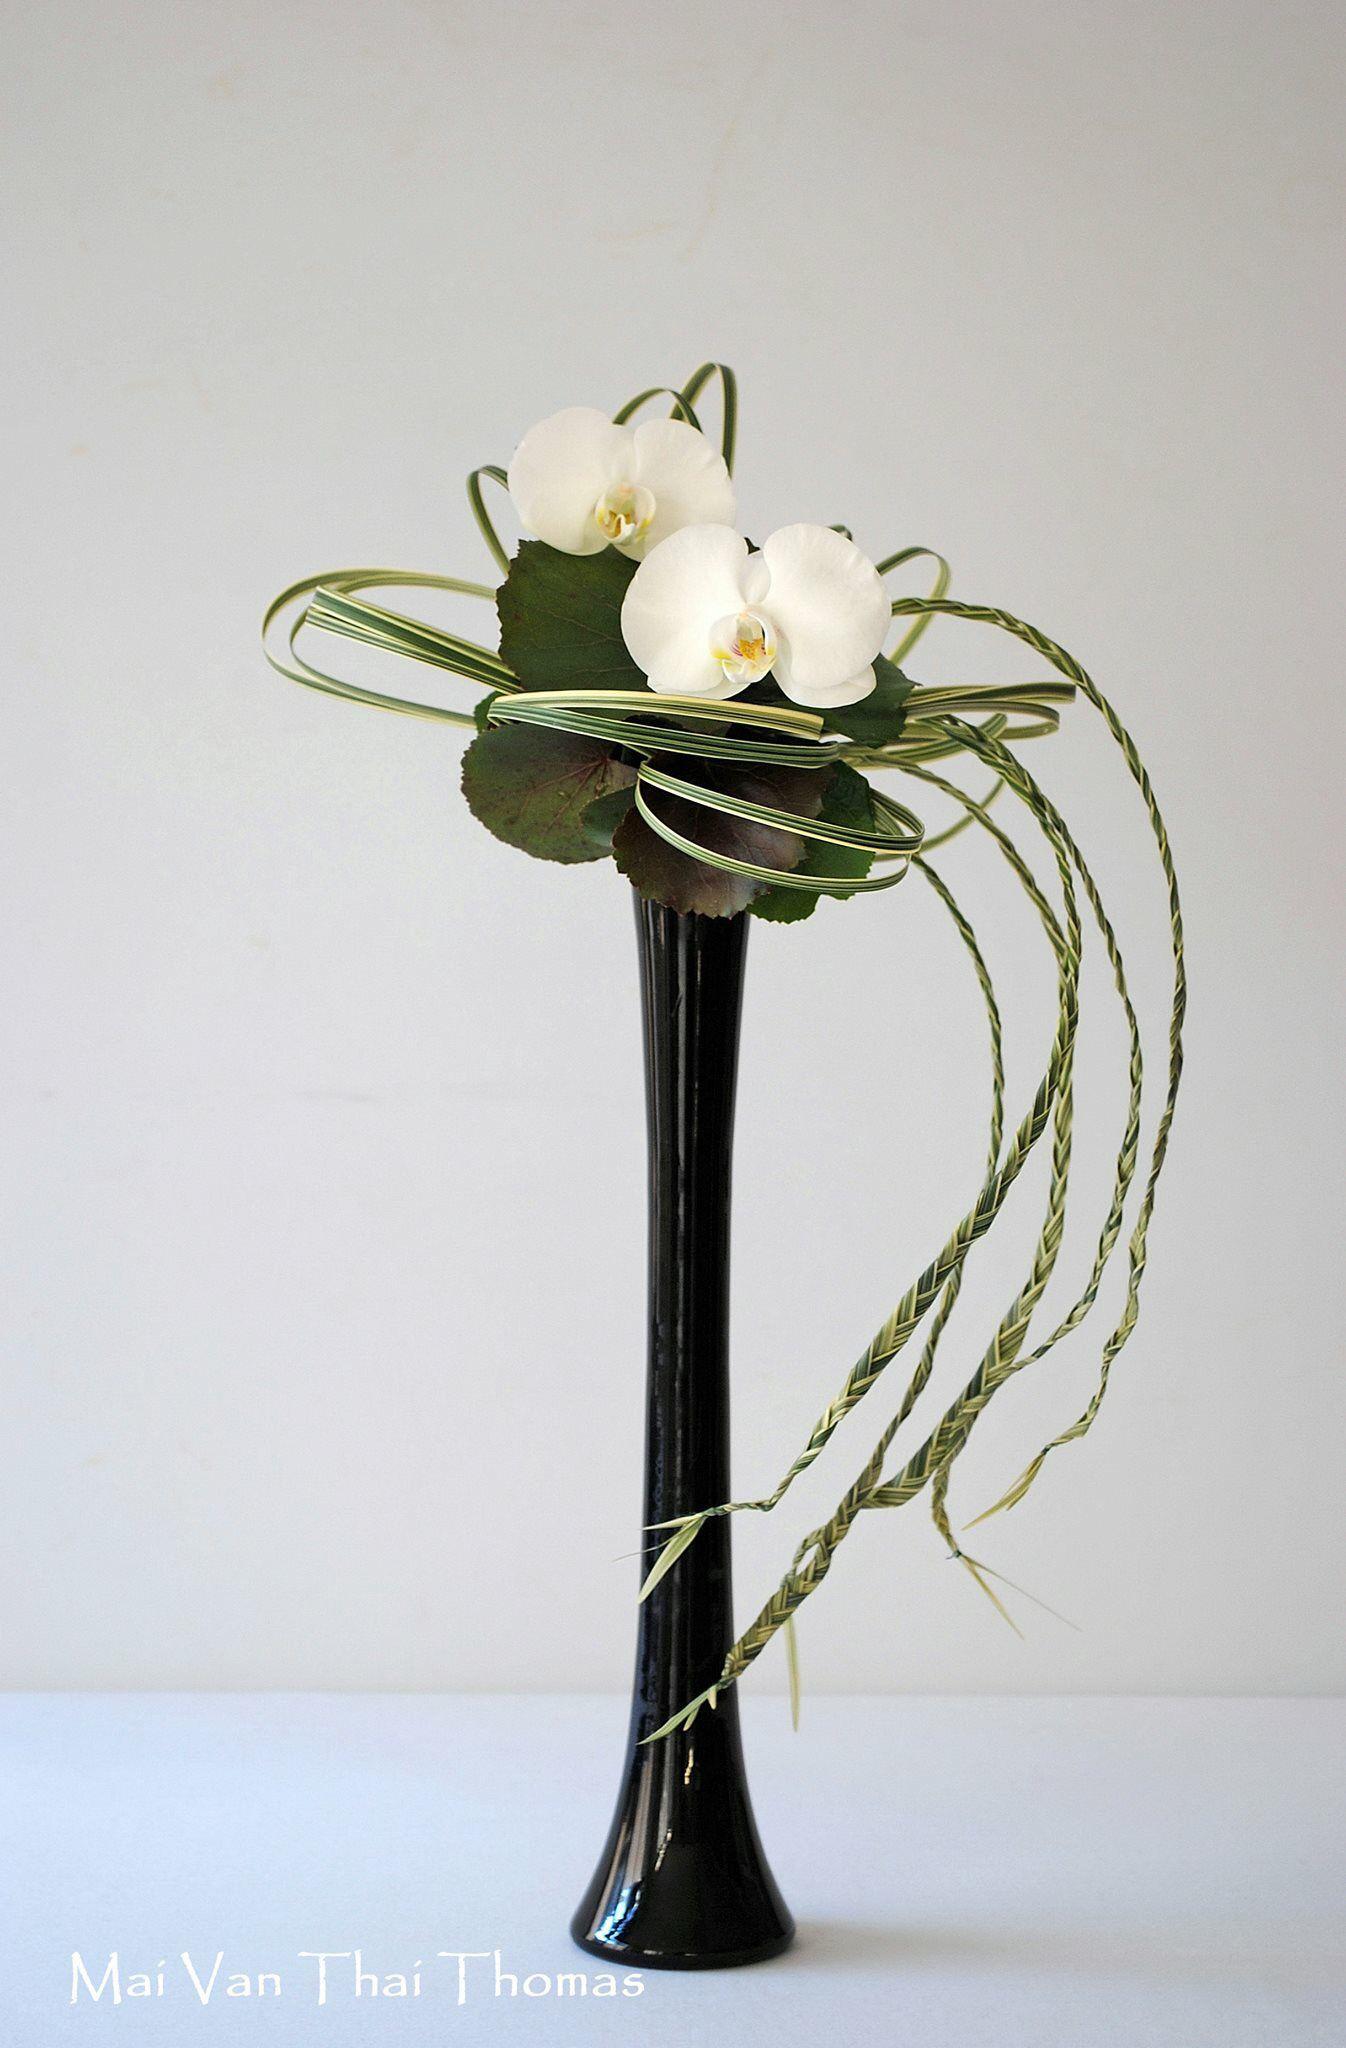 Pin by Gerlinde Sturm on Dekoration | Pinterest | Ikebana, Flower  arrangements and Floral